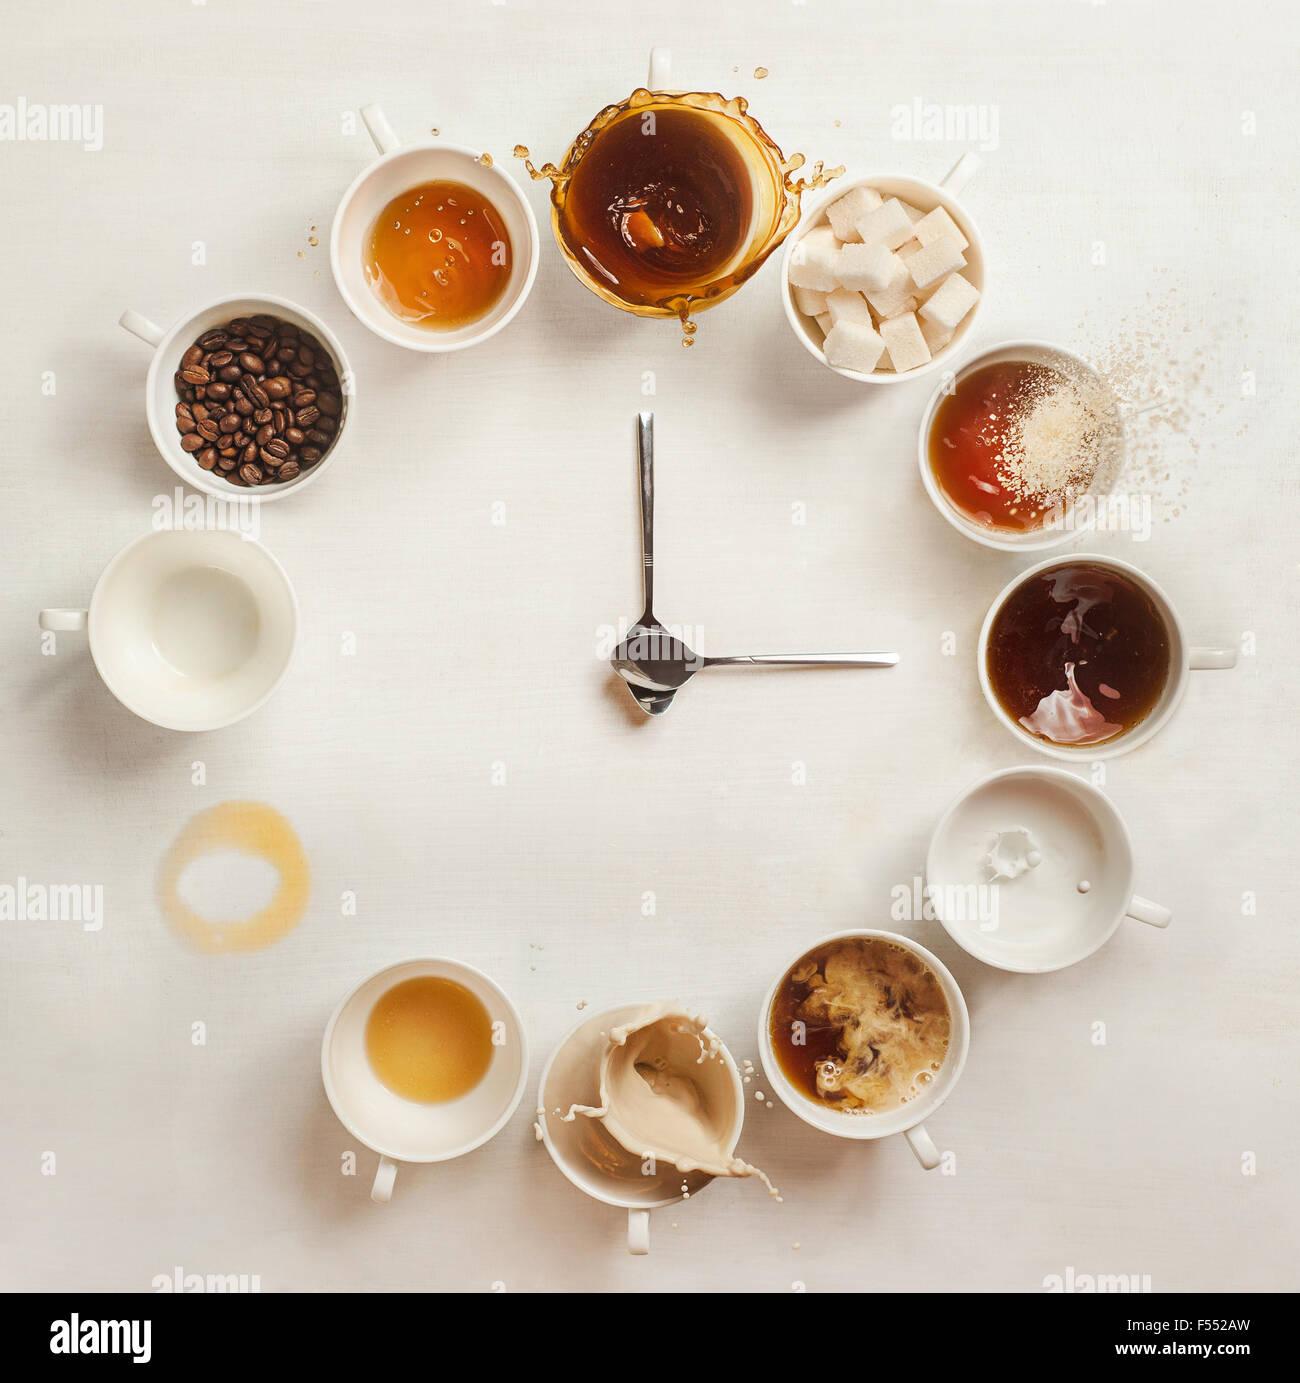 Café Clock.reloj hecho de una docena de tazas de café (con granos de café, leche y las salpicaduras). Imagen De Stock